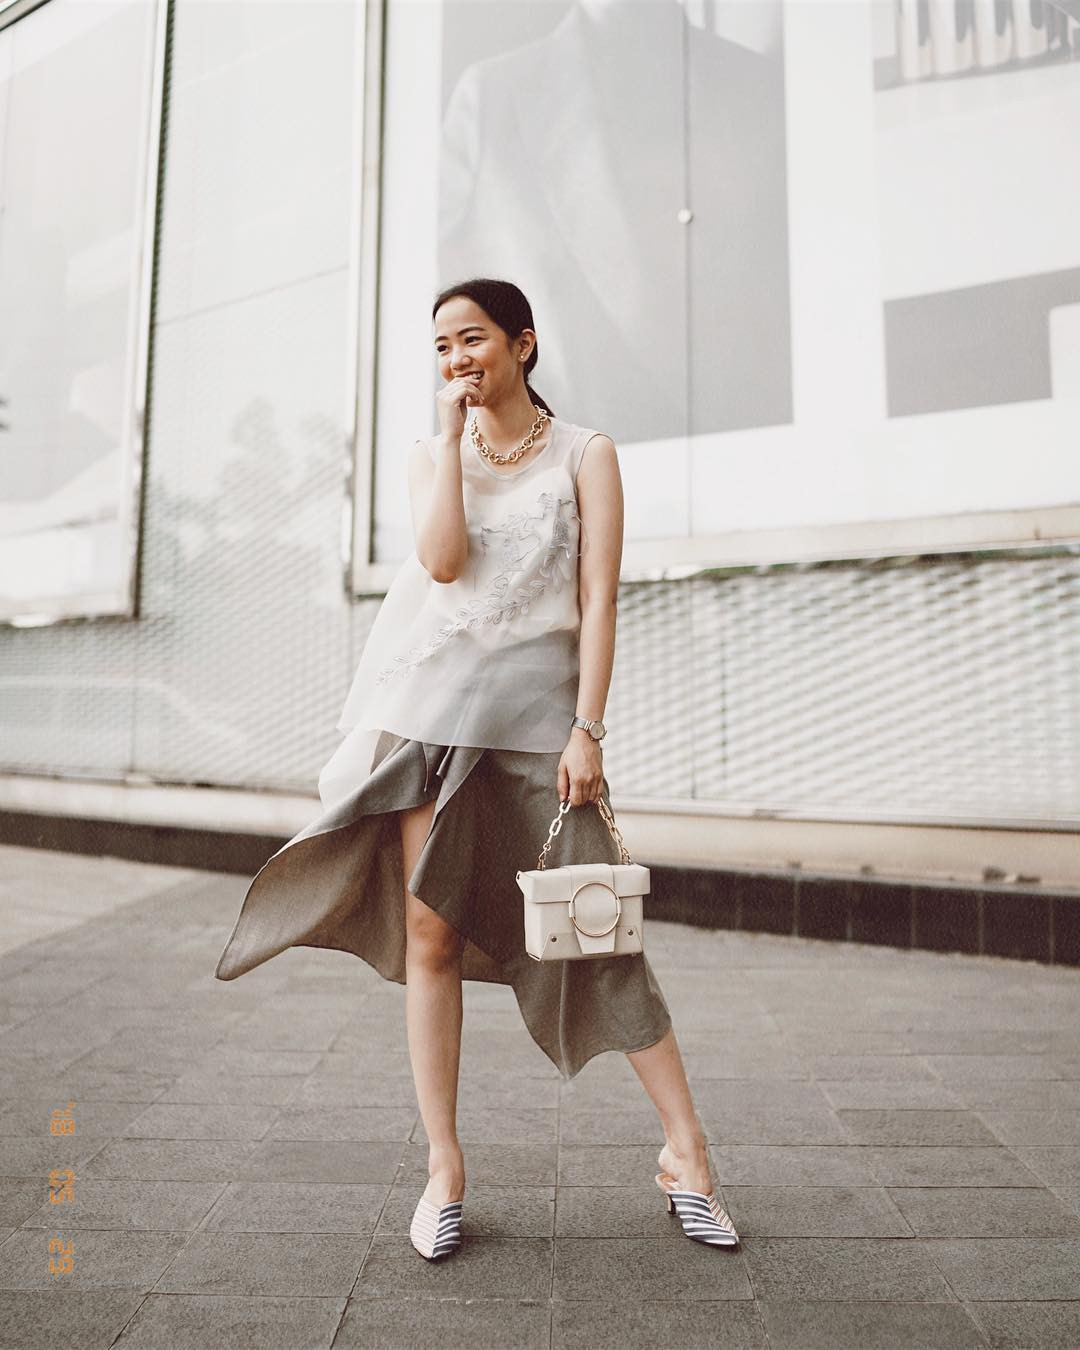 Gợi ý 5 mẫu váy thanh lịch, trang nhã cho các nàng đi dự đám cưới mà không sợ nổi hơn cô dâu - Ảnh 10.